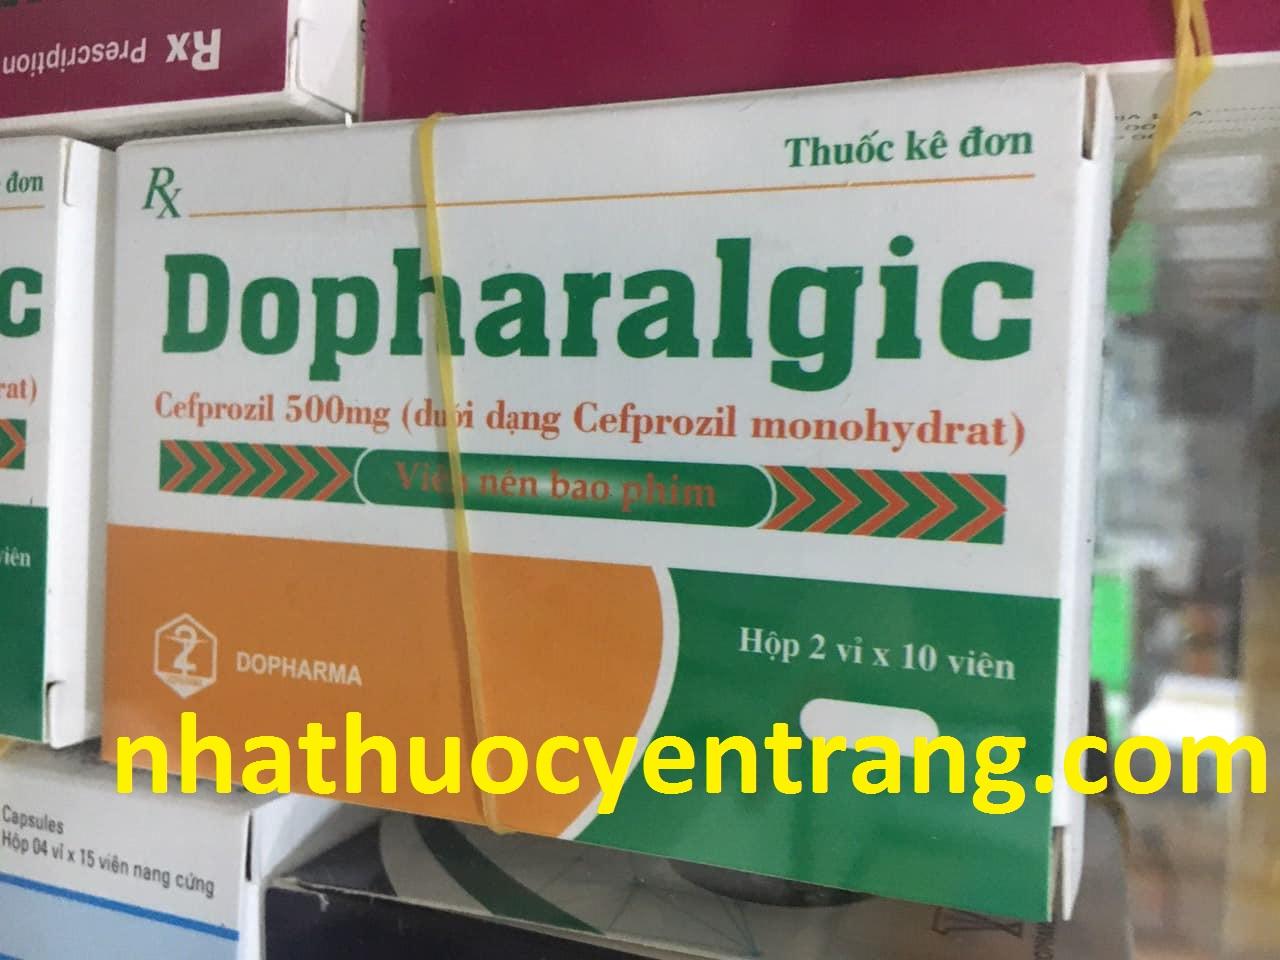 Dopharalgic 500mg